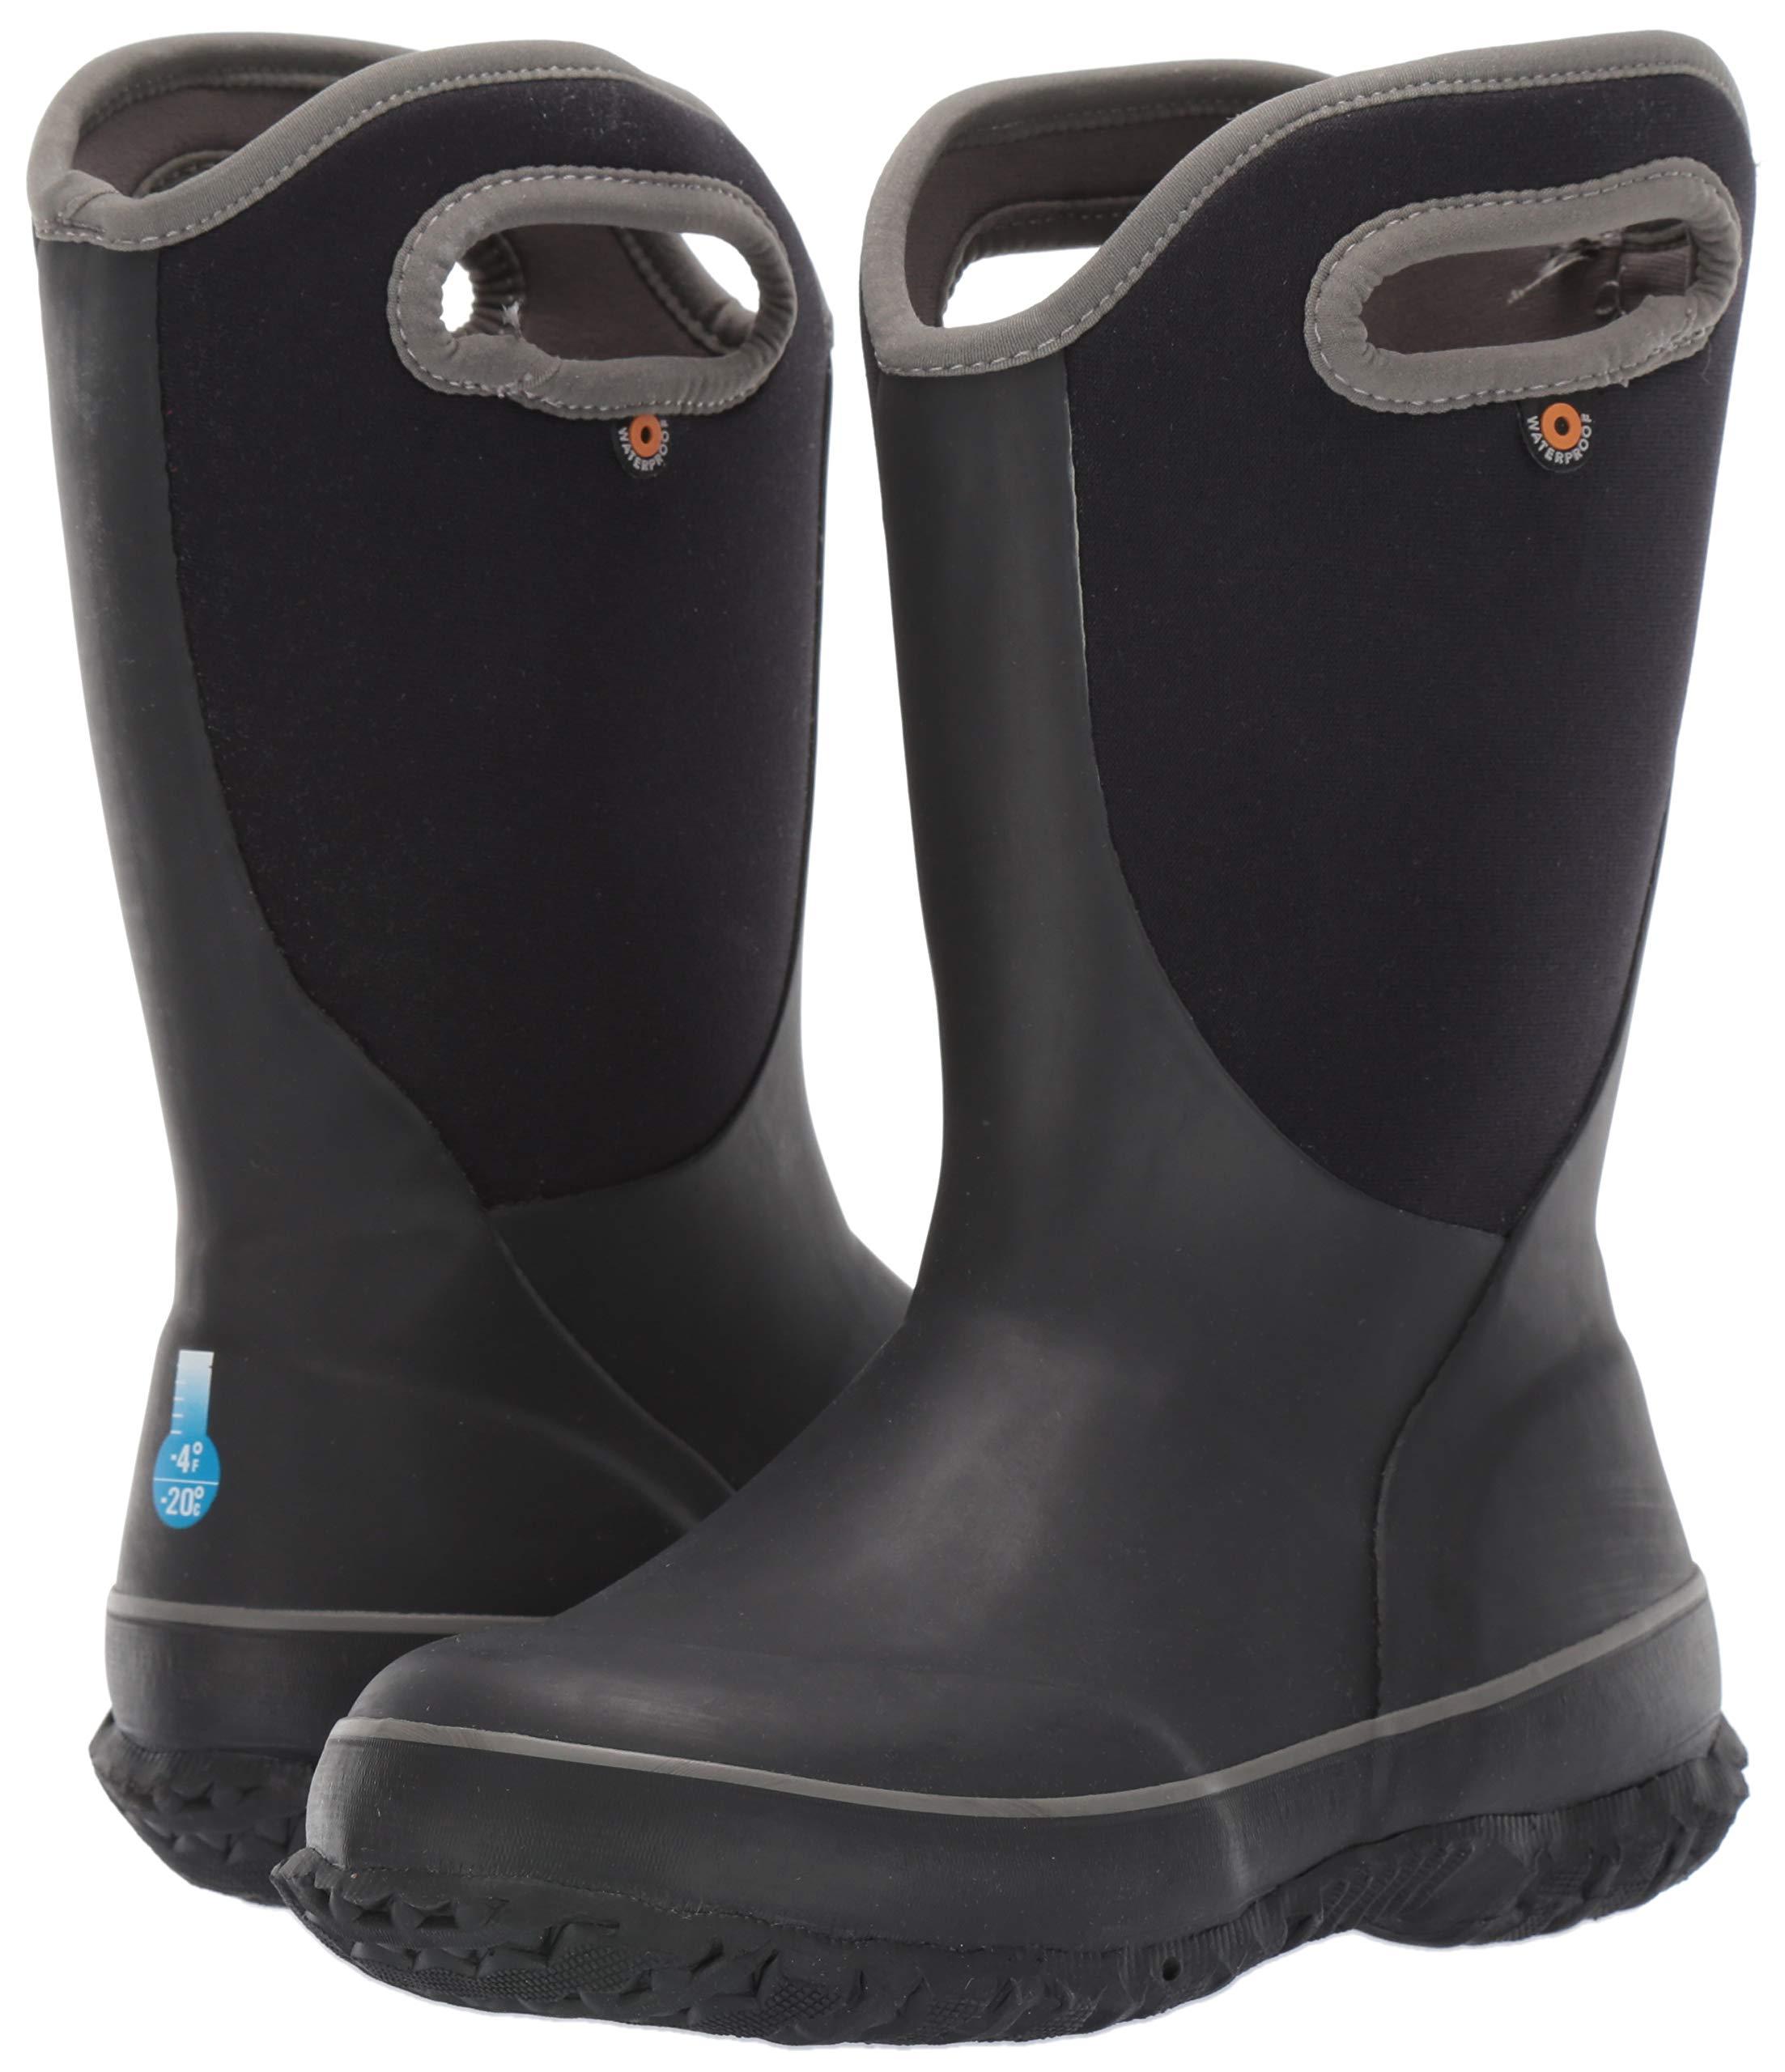 Bogs Unisex Slushie Snow Boot, Solid Black/Multi, 5 Medium US Big Kid by Bogs (Image #5)